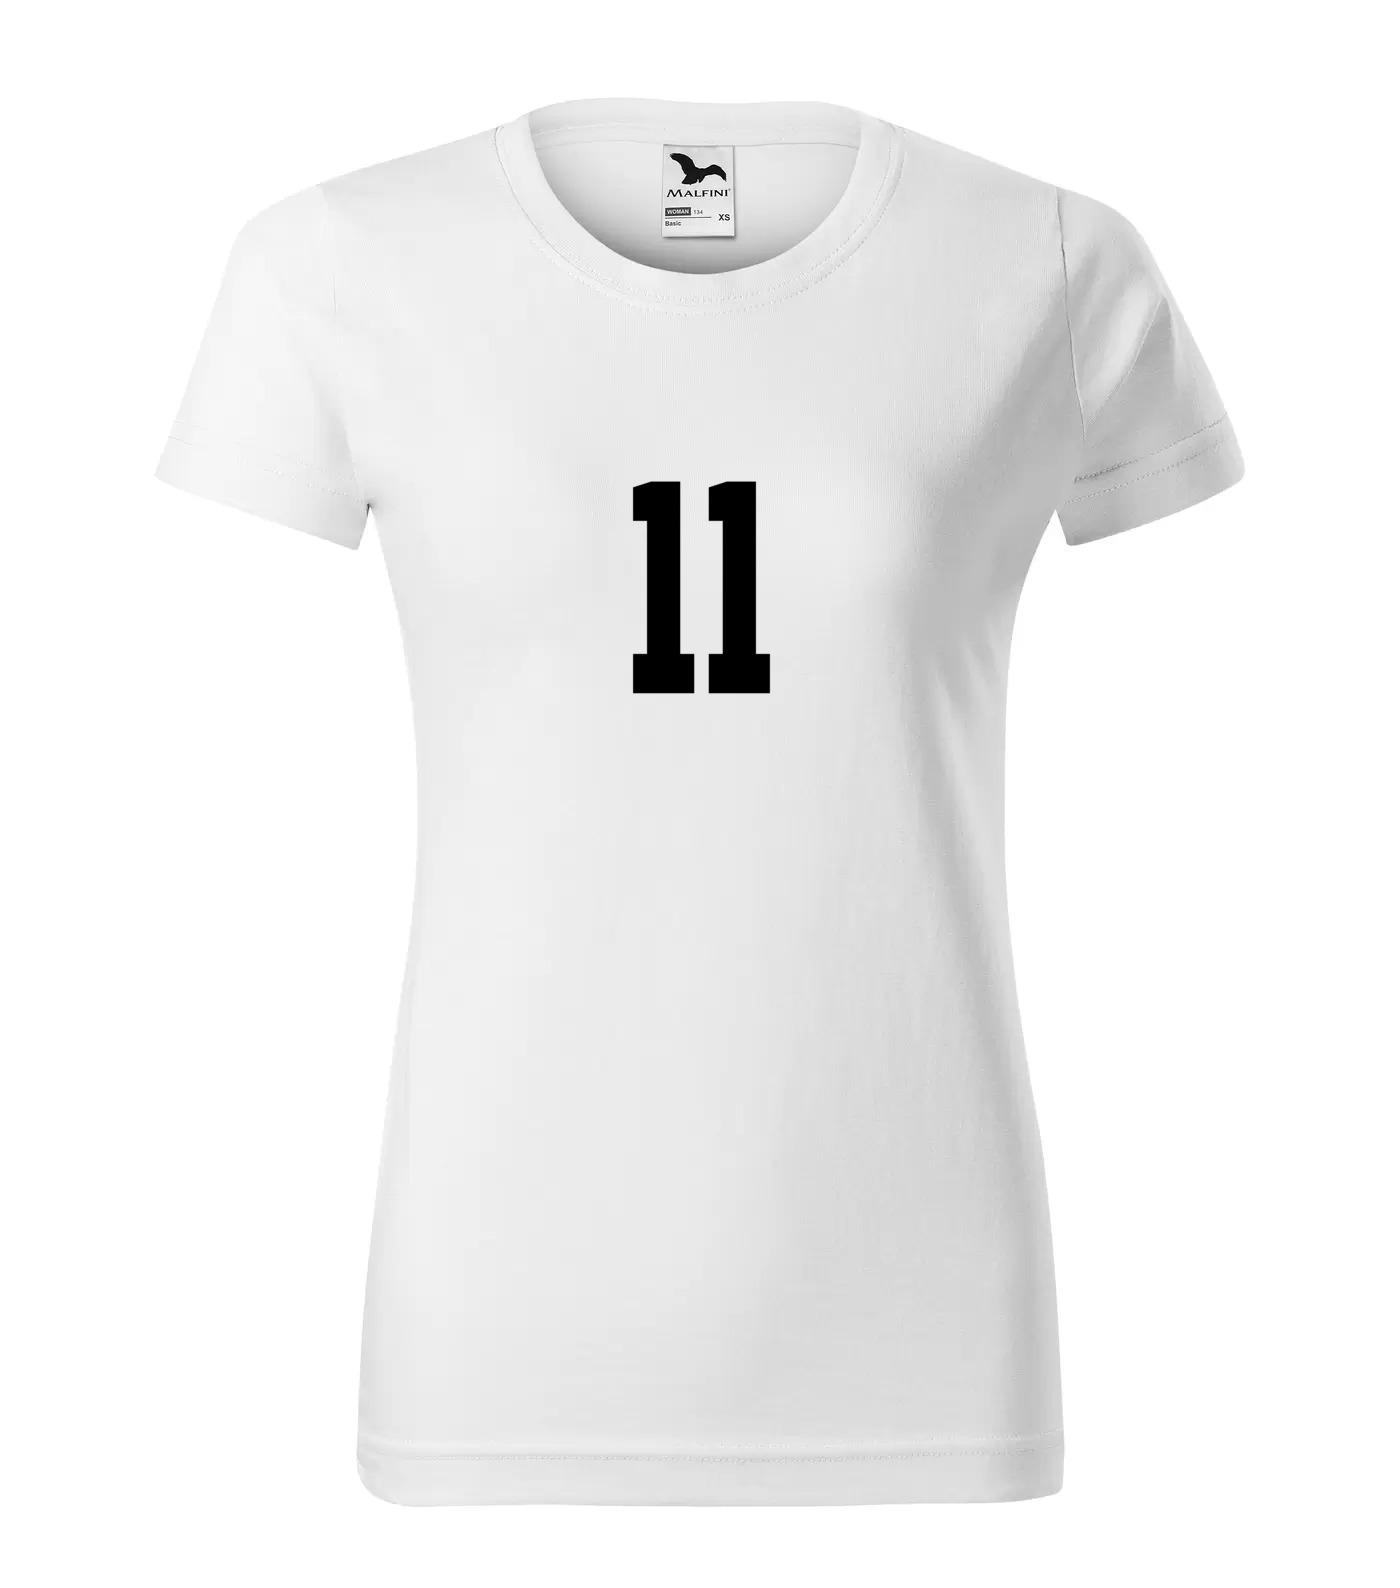 Tričko s číslem 11